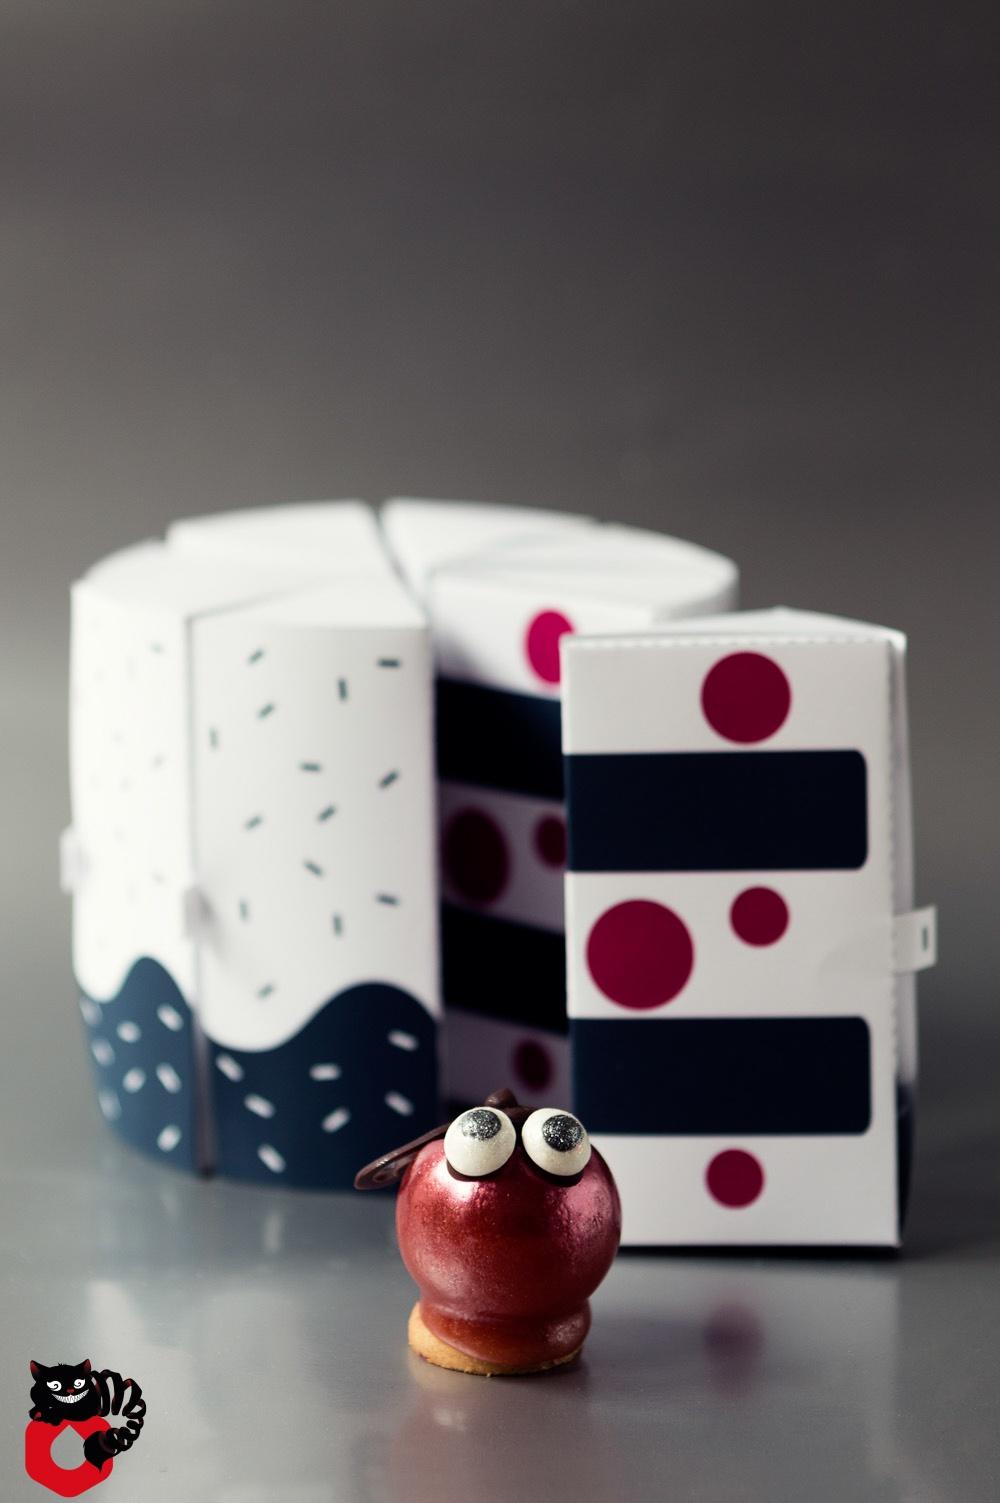 La cerise sur le gâteau - Collab sanglota & Qui a vole les tartes